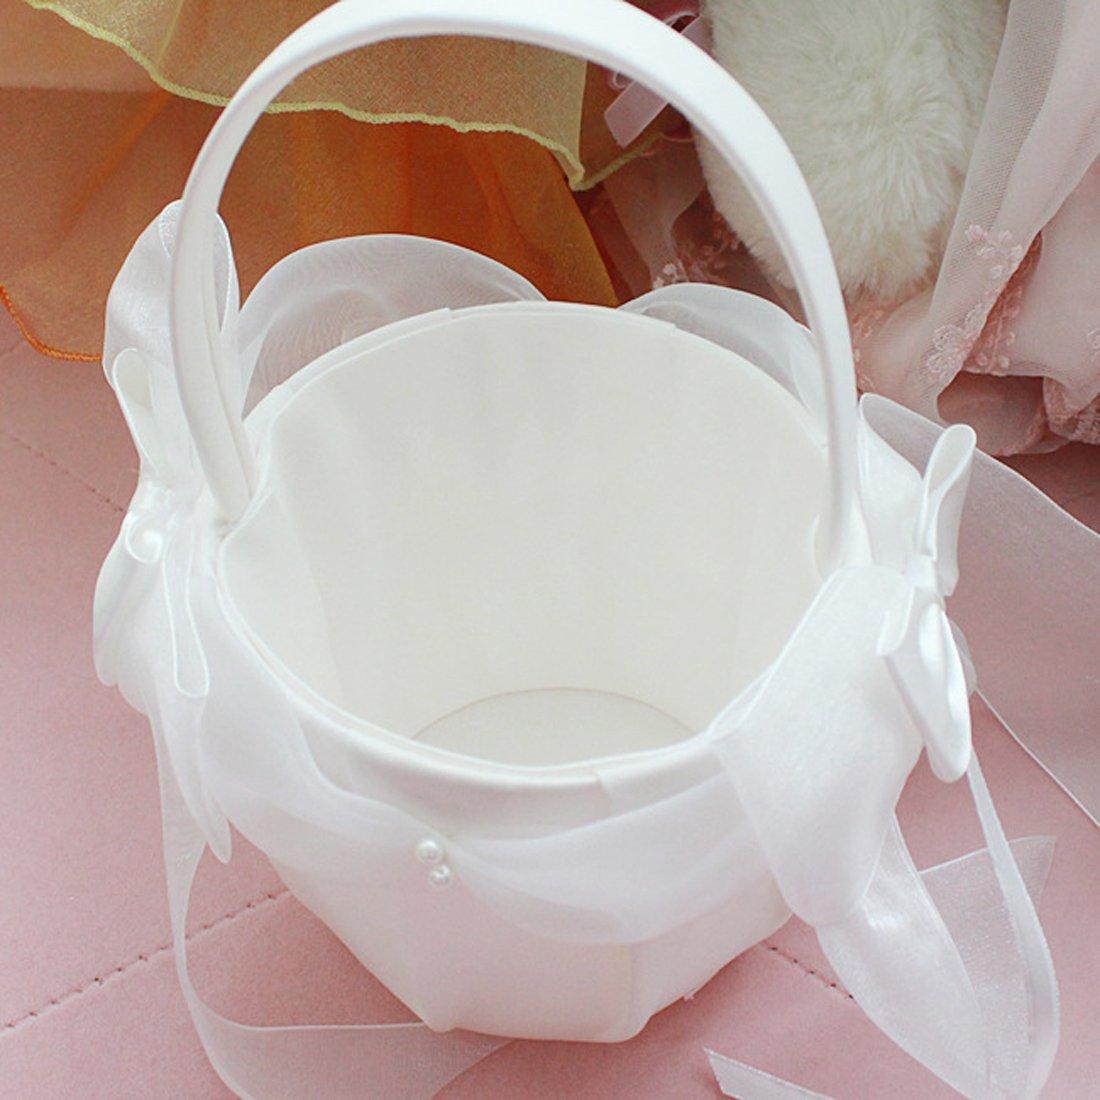 awtlife 2/Rustikal Jute Hochzeit Blumenm/ädchen Korb Pearl Griff f/ür Vintage Rustikal Hochzeitsfeier